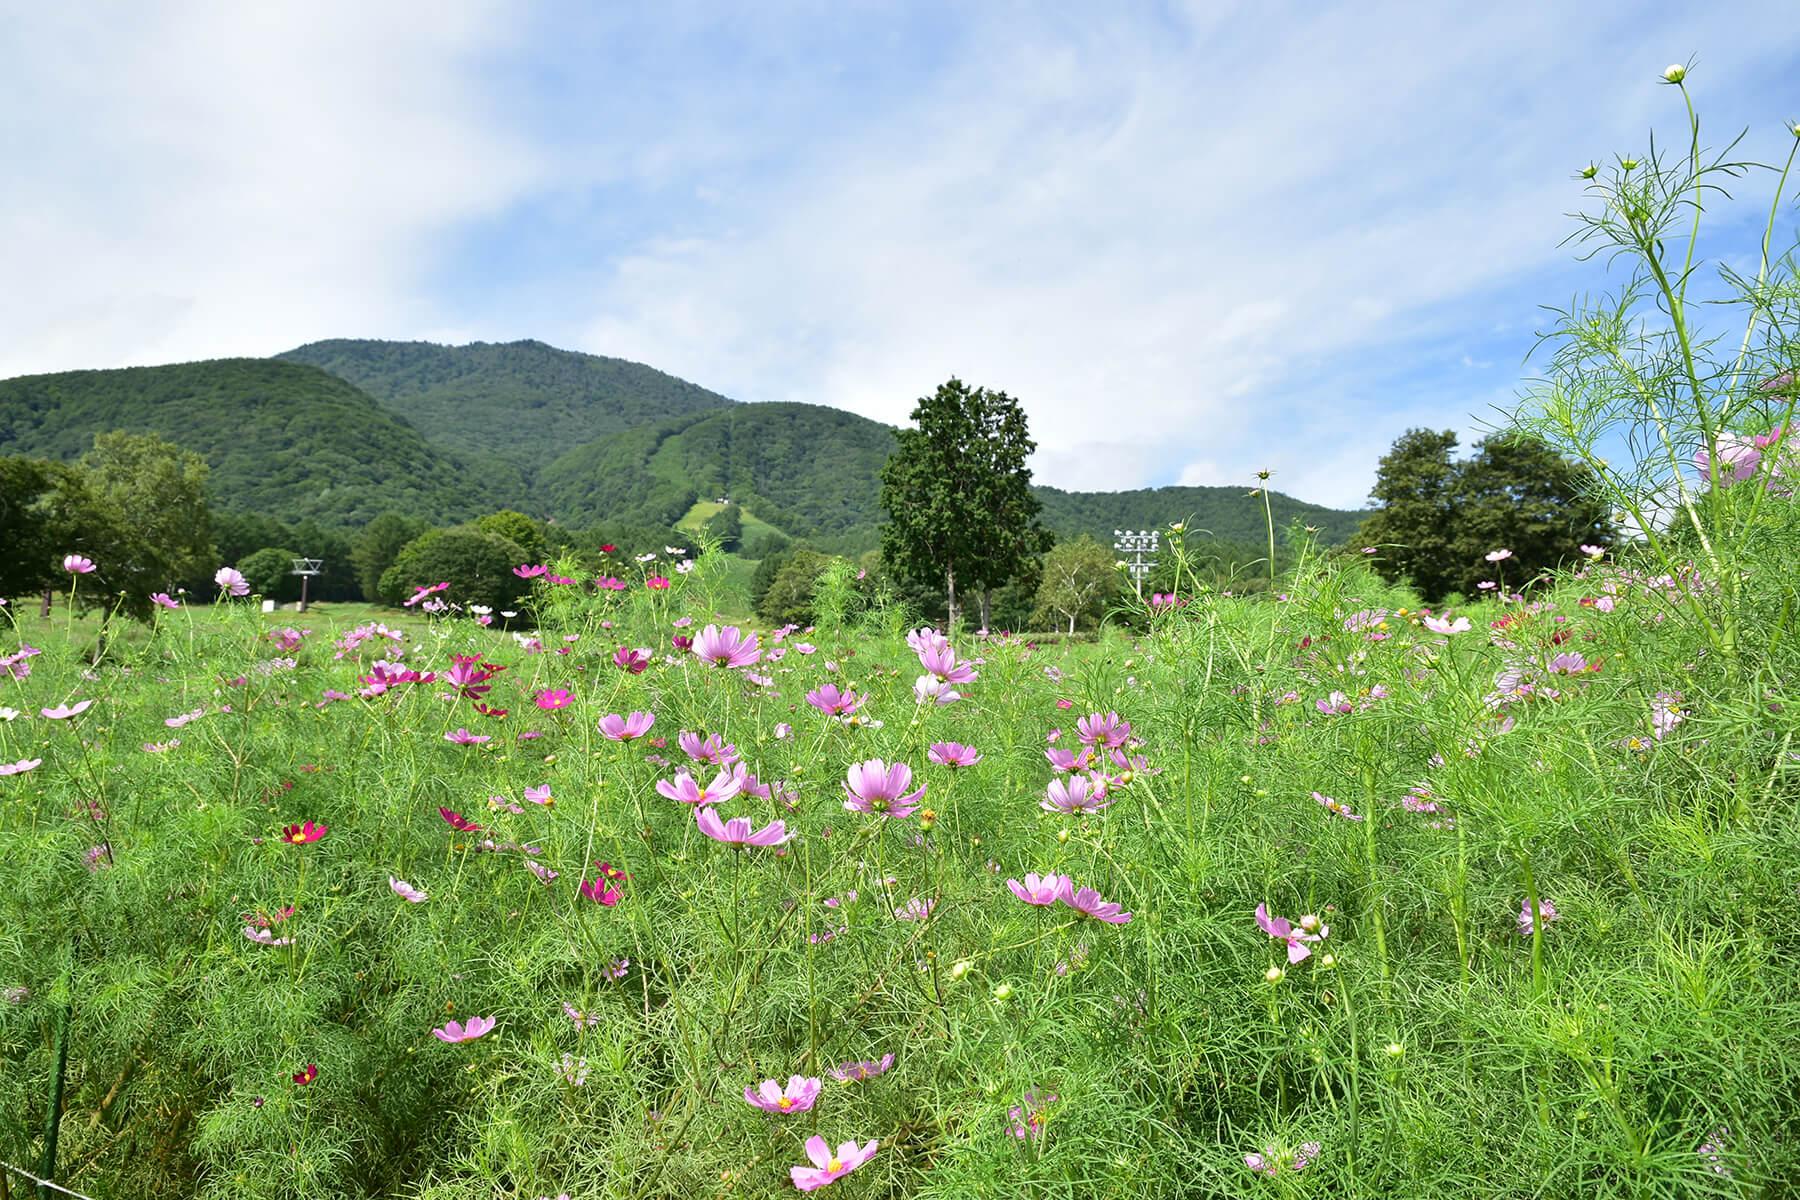 〈黒姫高原と野尻湖〉グリーンシーズンの黒姫高原